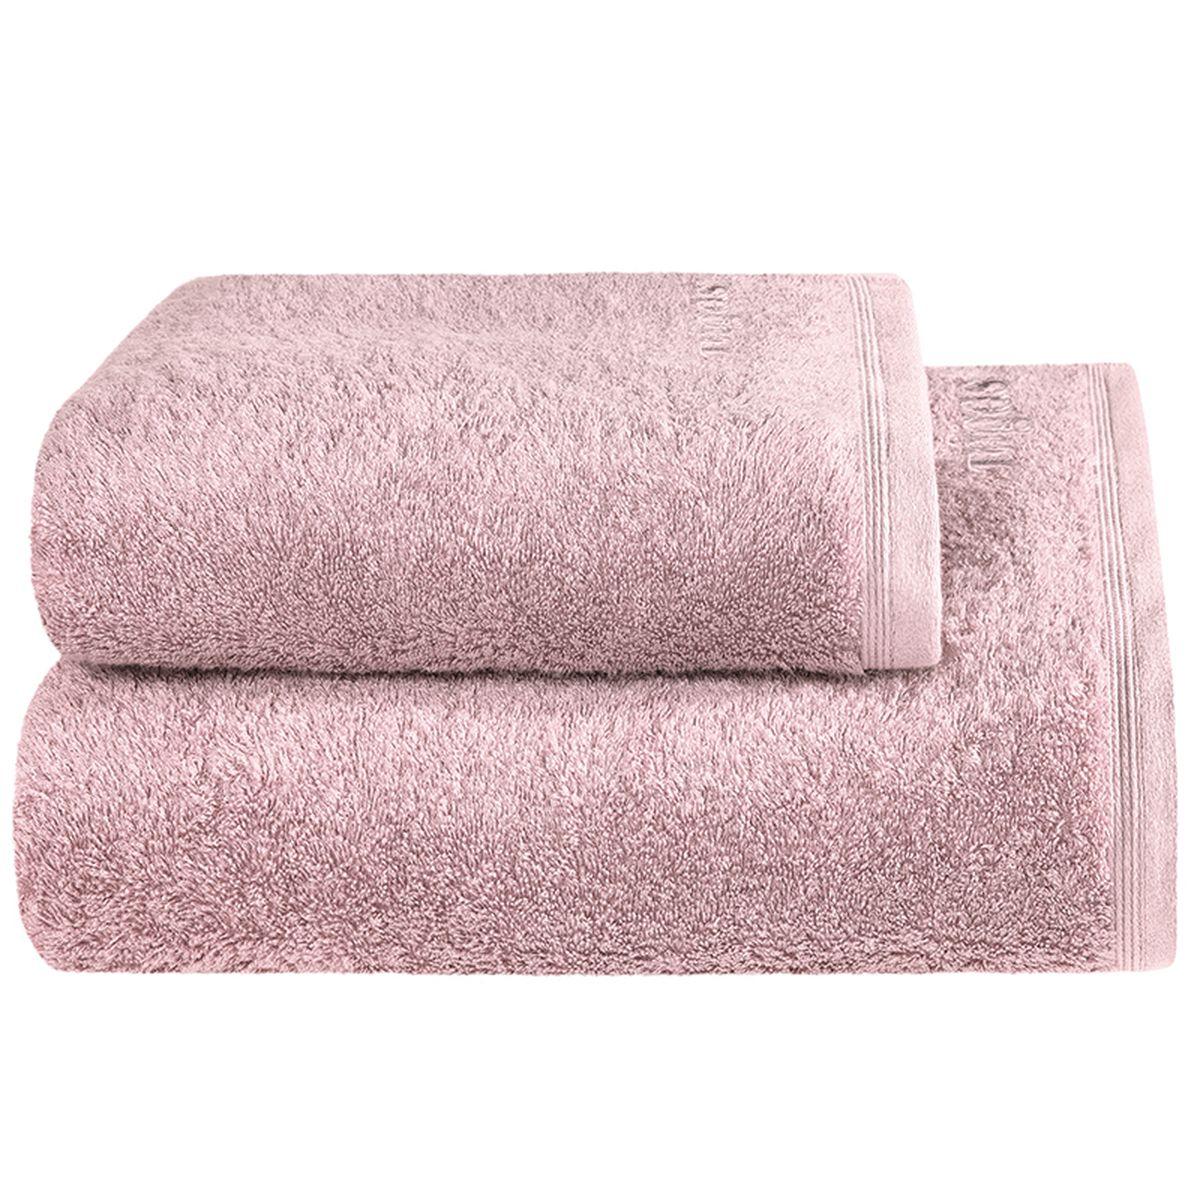 Полотенце Togas Пуатье, цвет: розовый, 70 х 140 см10.00.01.1046Полотенце Togas Пуатье невероятно гармонично сочетает в себе лучшие качества современного махрового текстиля. Безупречные по качеству, экологичное полотенце из 70% хлопка и 30% модала идеально заботится о вашей коже, особенно после душа, когда вы расслаблены и особо уязвимы. Деликатный дизайн полотенца Togas «Пуатье» - воплощение изысканной простоты, где на первый план выходит качество материала. Невероятно мягкое волокно модал, превосходящее по своим свойствам даже хлопок, позволяет улучшить впитывающие качества полотенца и делает его удивительно мягким. Модал - это 100% натуральное, экологически чистое целлюлозное волокно. Оно производится без применения каких-либо химических примесей, поэтому абсолютно гипоаллергенно. Полотенце Togas Пуатье, обладающее идеальными качествами, будет поднимать вам настроение.